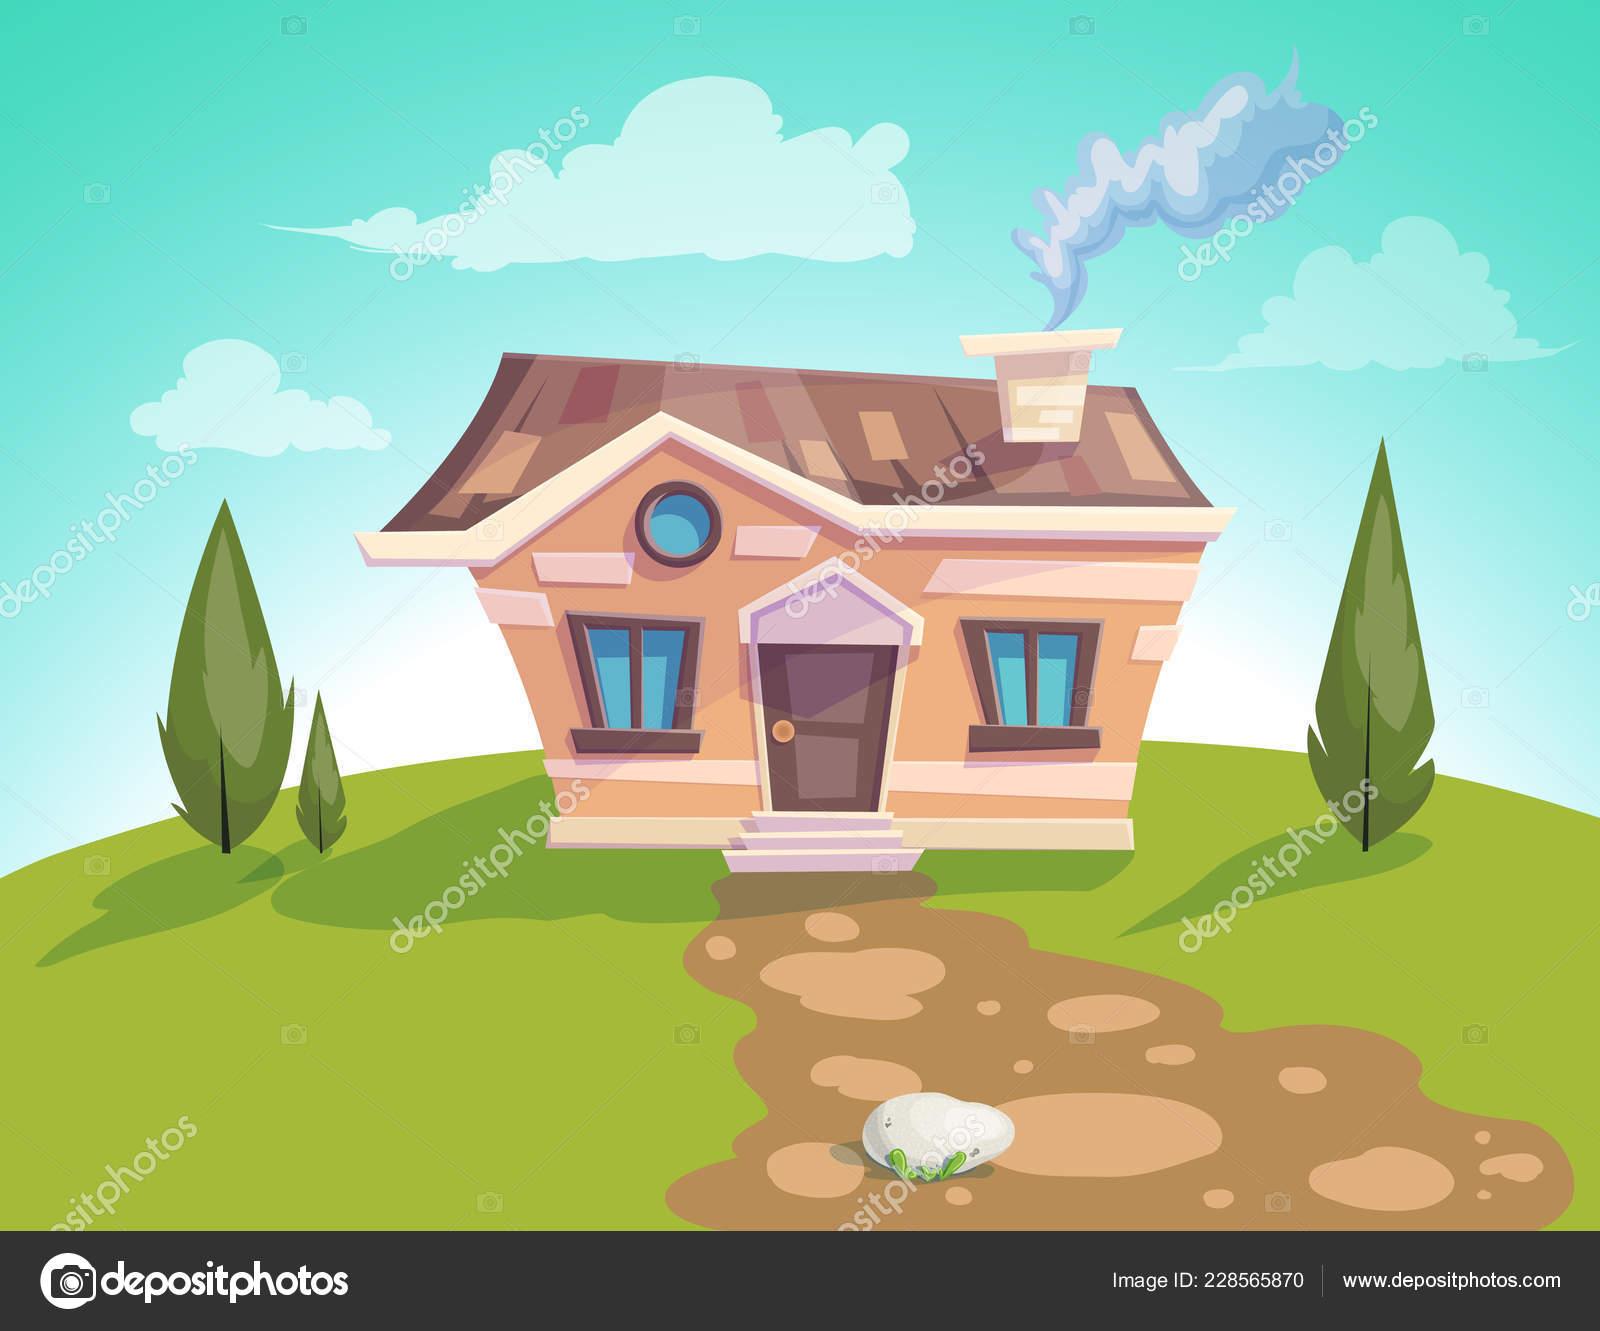 Façade de maison vector illustration dune maison de campagne de dessin animé en saison estivale beau fond de ciel brillant illustration de stock